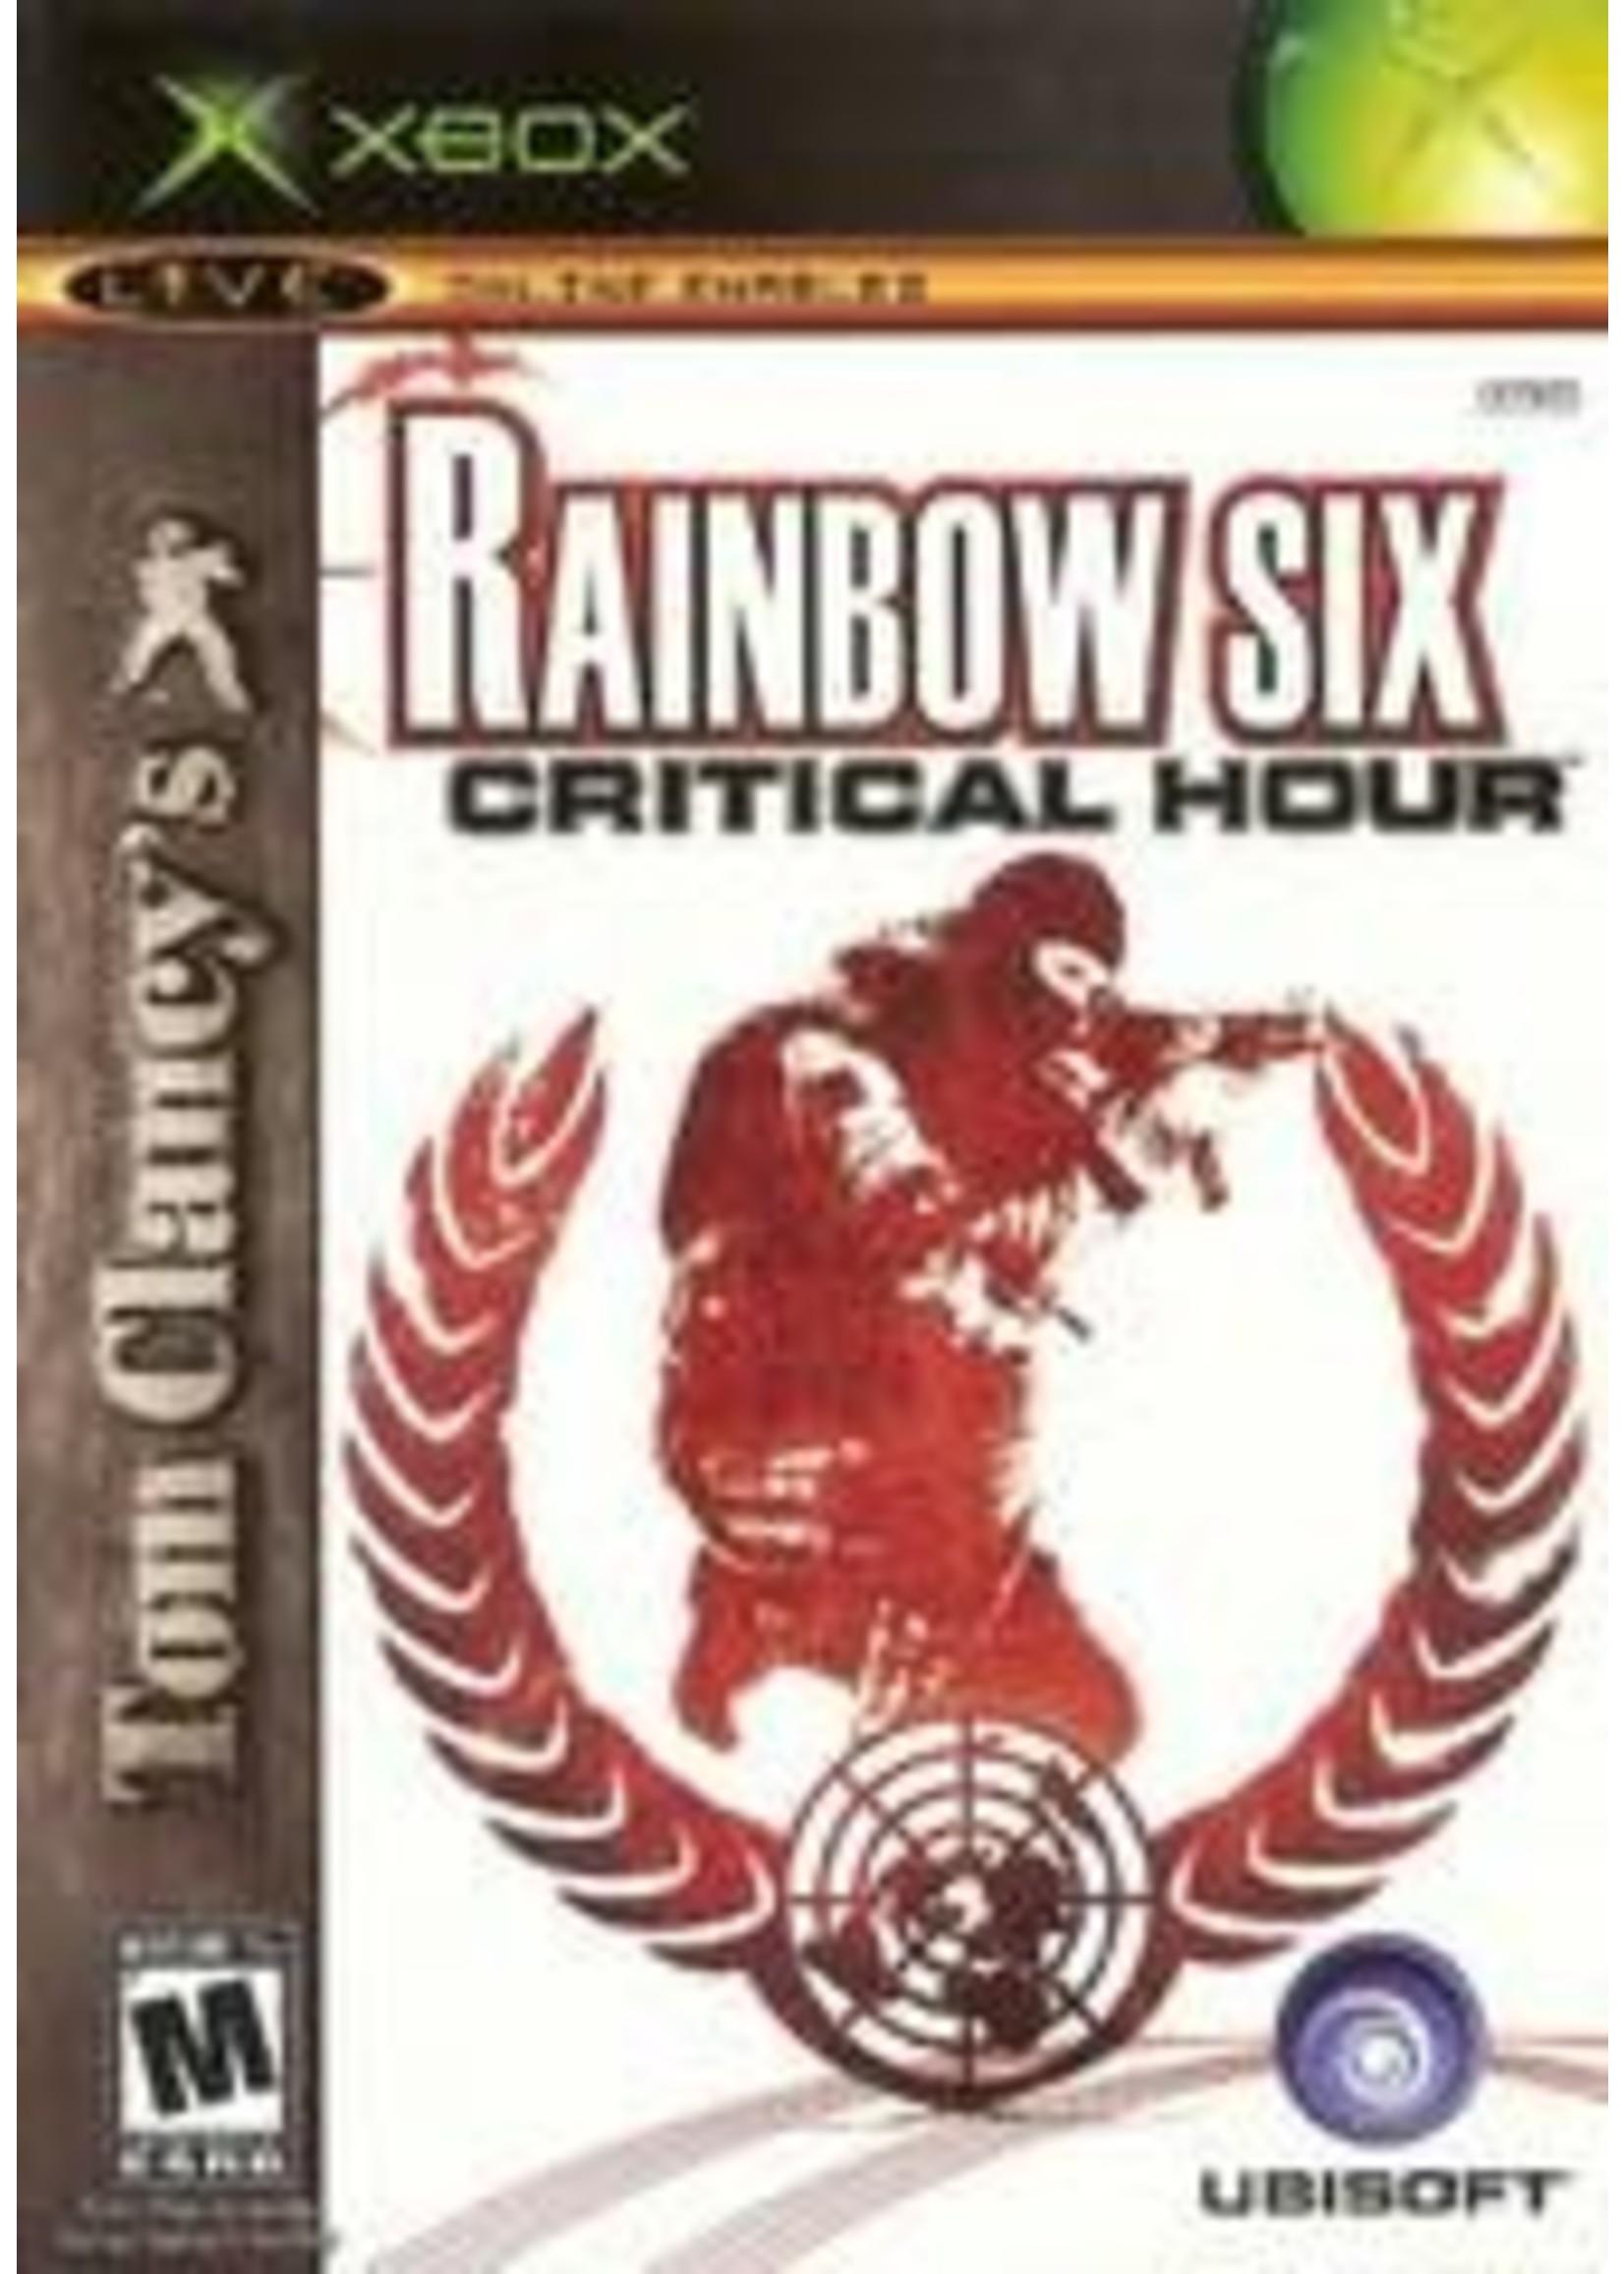 Rainbow Six Critical Hour Xbox